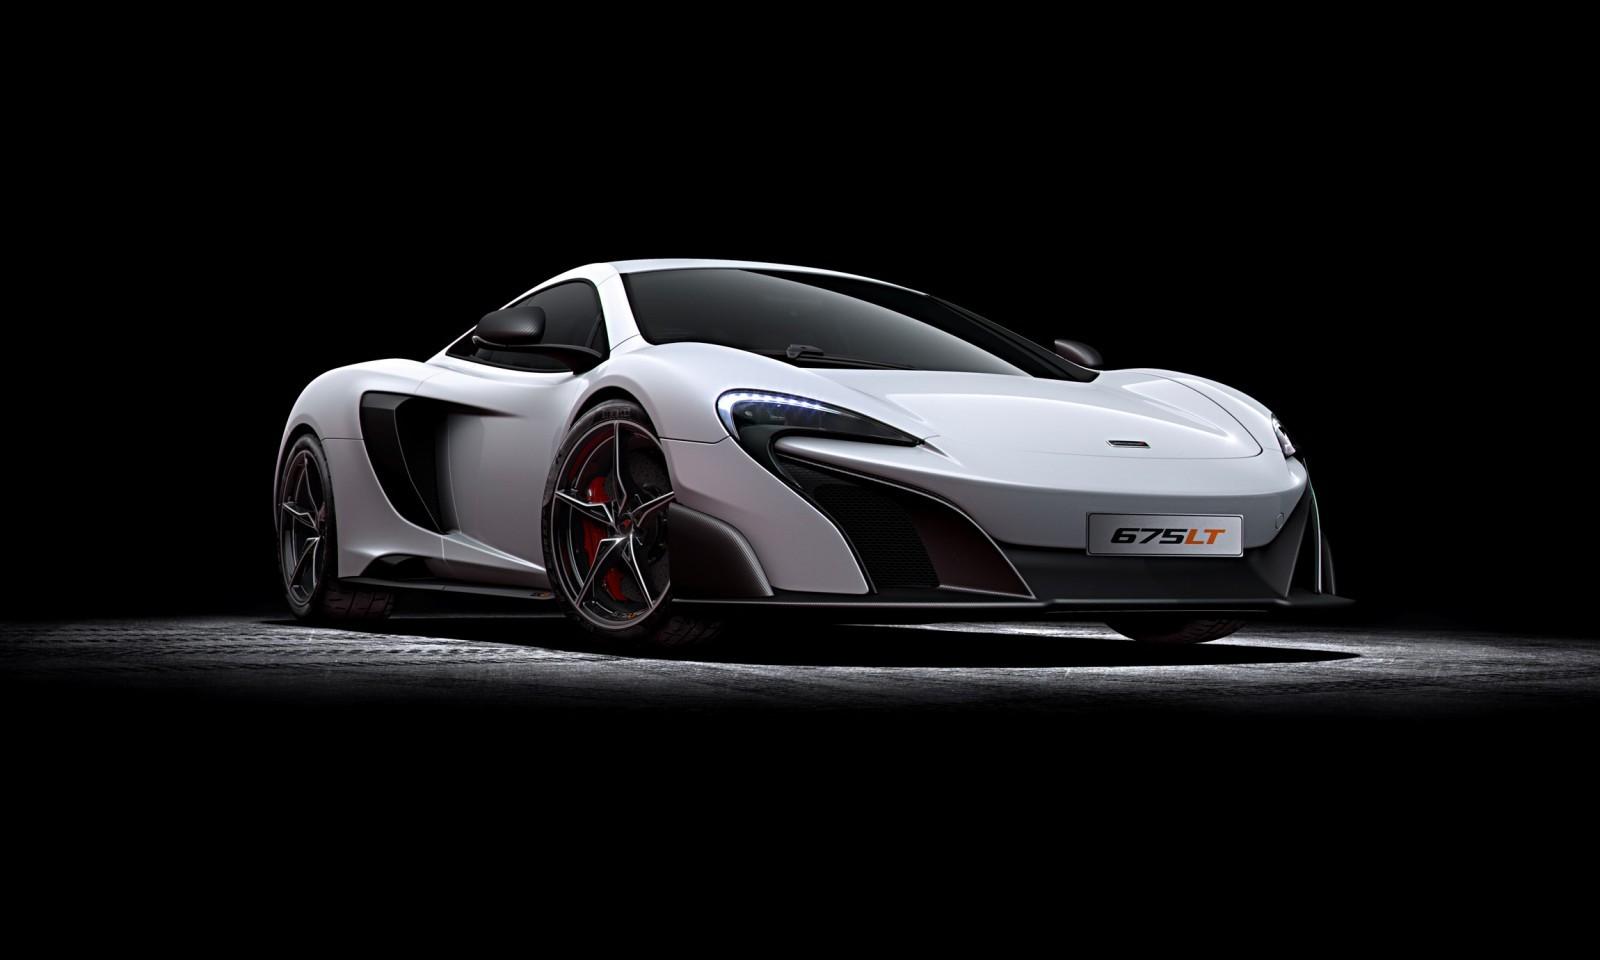 2015 McLaren 675LT 4